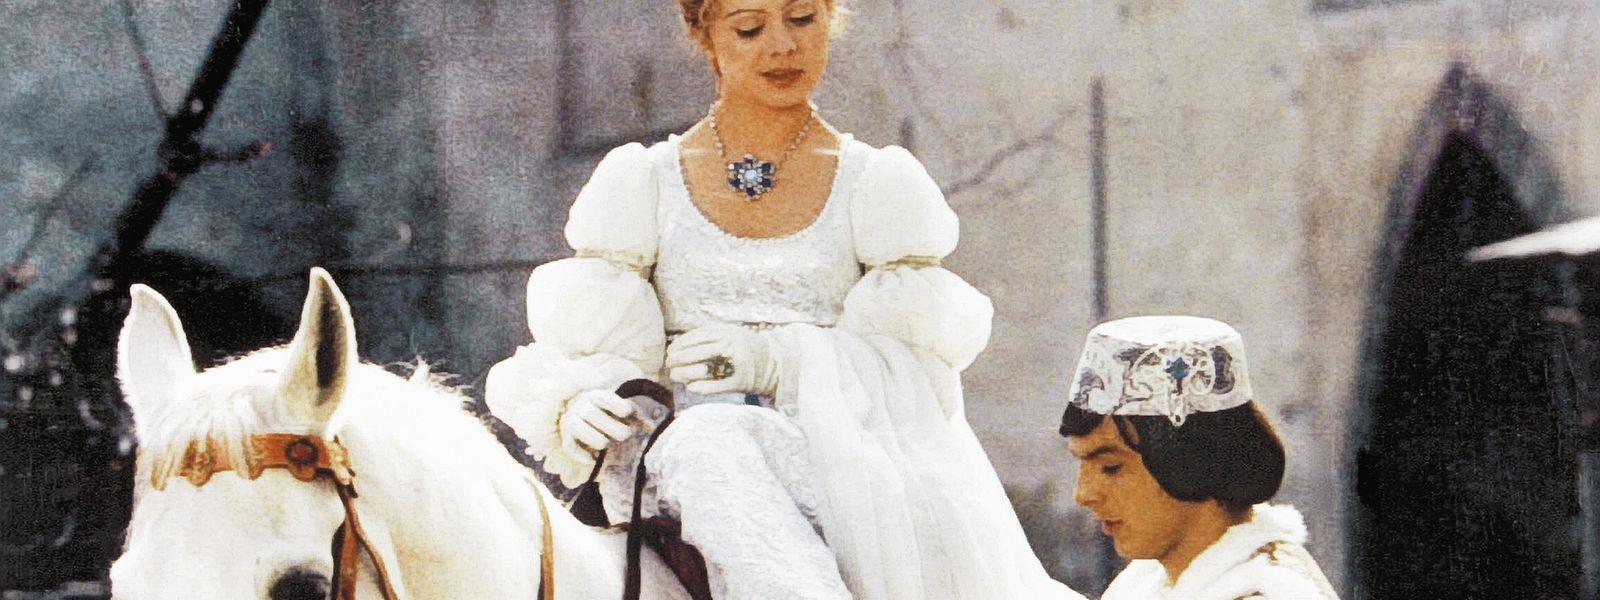 """Aschenbrödel (Libuse Safránková) und ihr geliebter Prinz (Pavel Trávnicek) in """"Drei Haselnüsse für Aschenbrödel"""""""